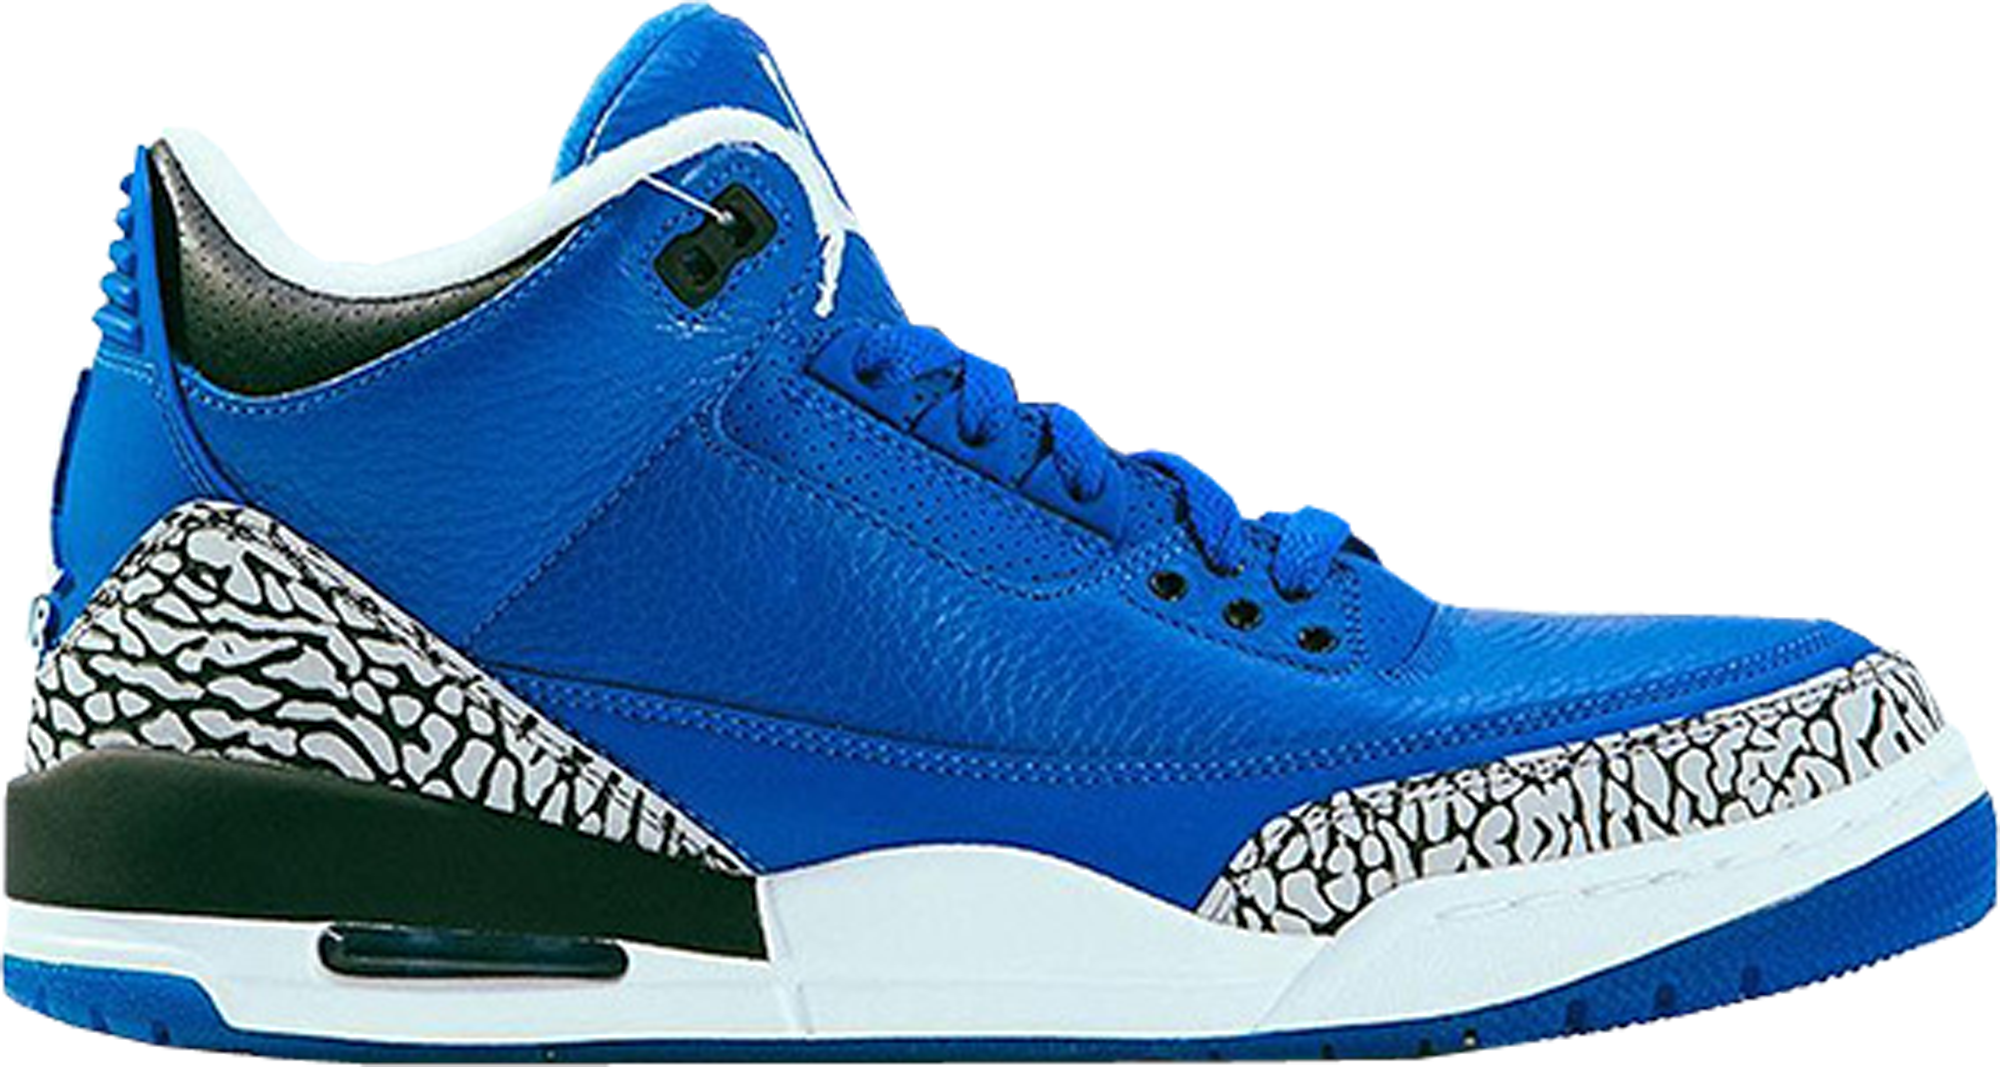 Jordan 3 Retro DJ Khaled Another One